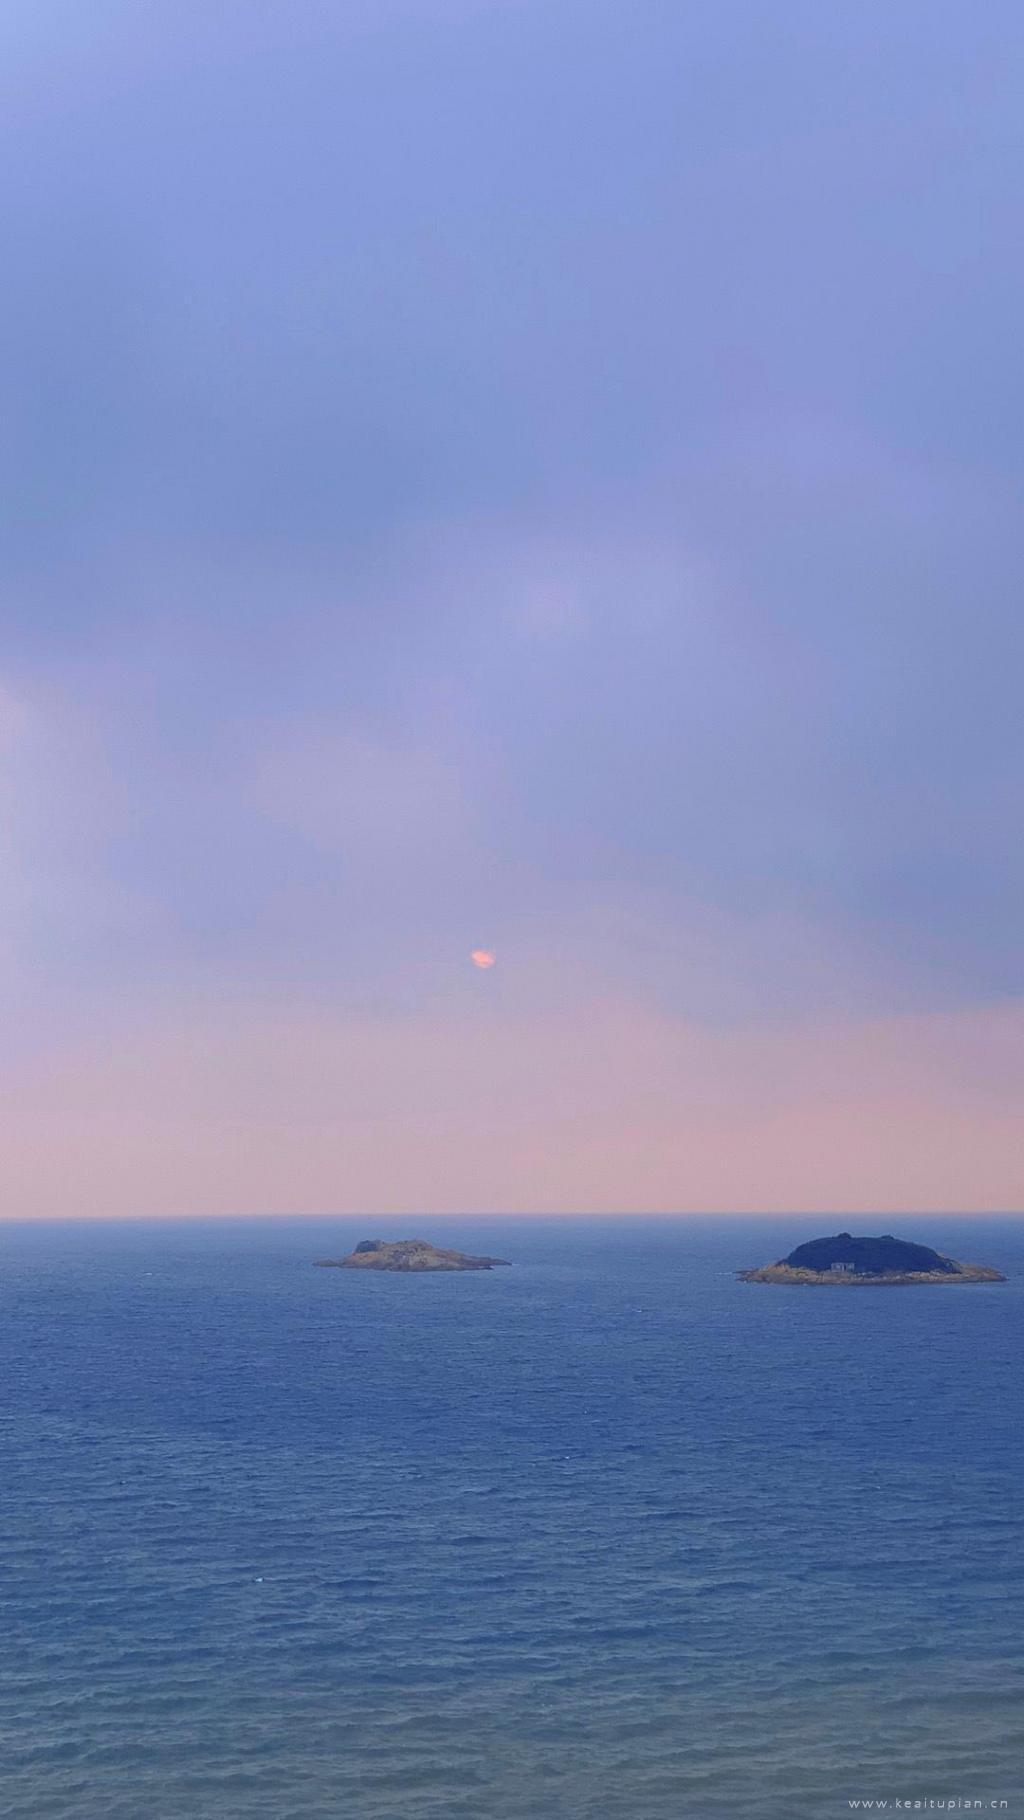 平静海面·小岛·夕阳下的唯美高清风景壁纸图片